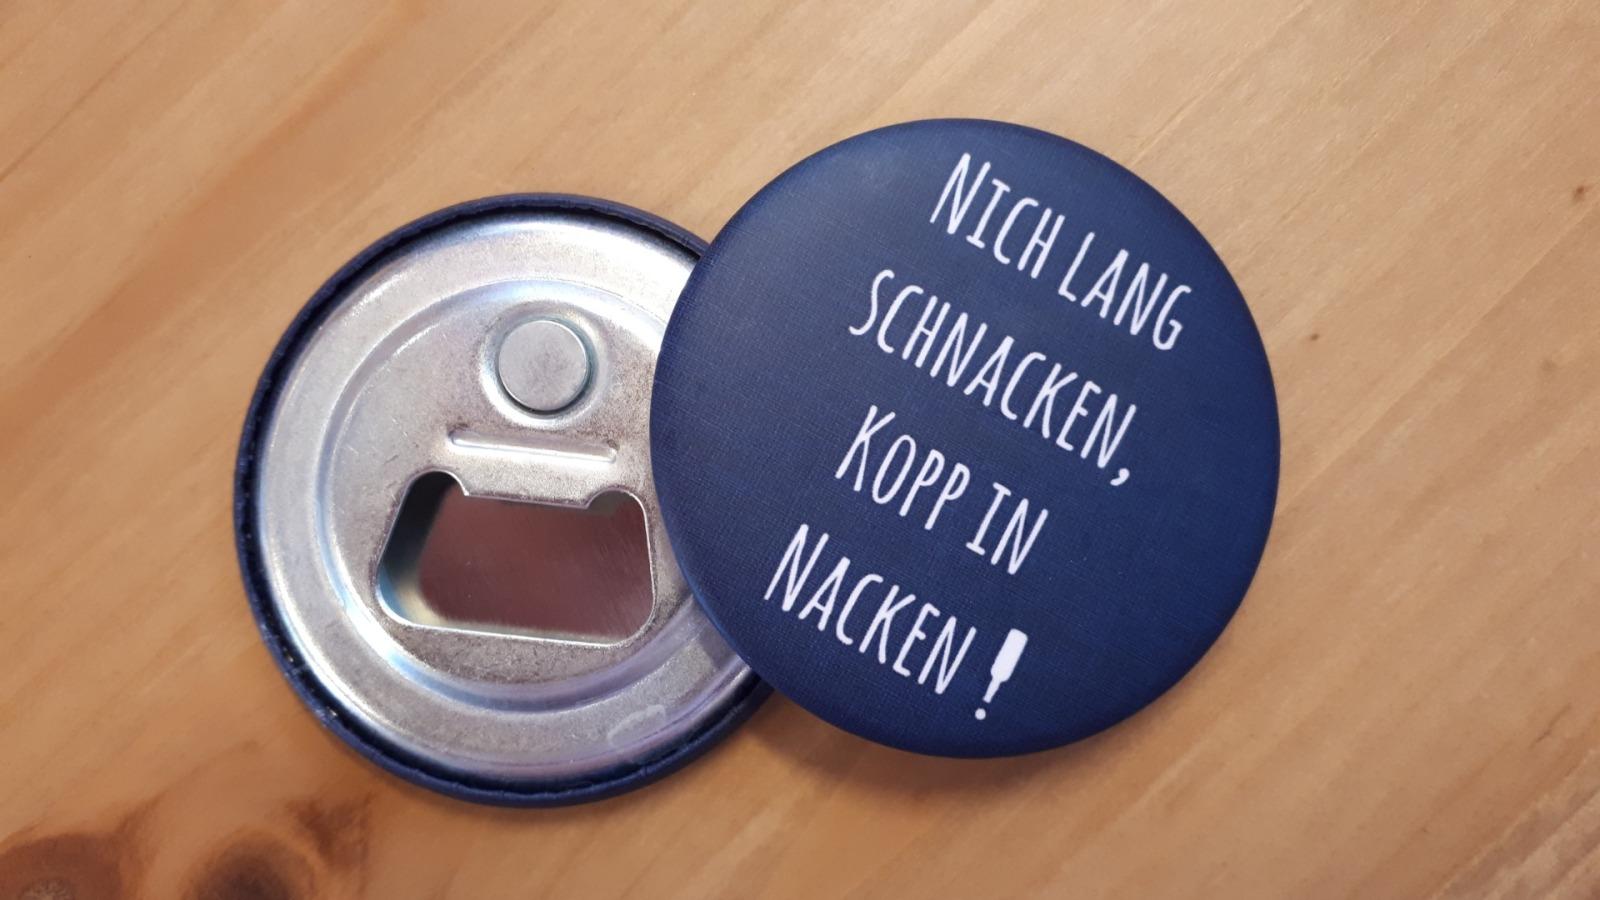 Flaschenöffner magnetisch Nich lang schnacken...